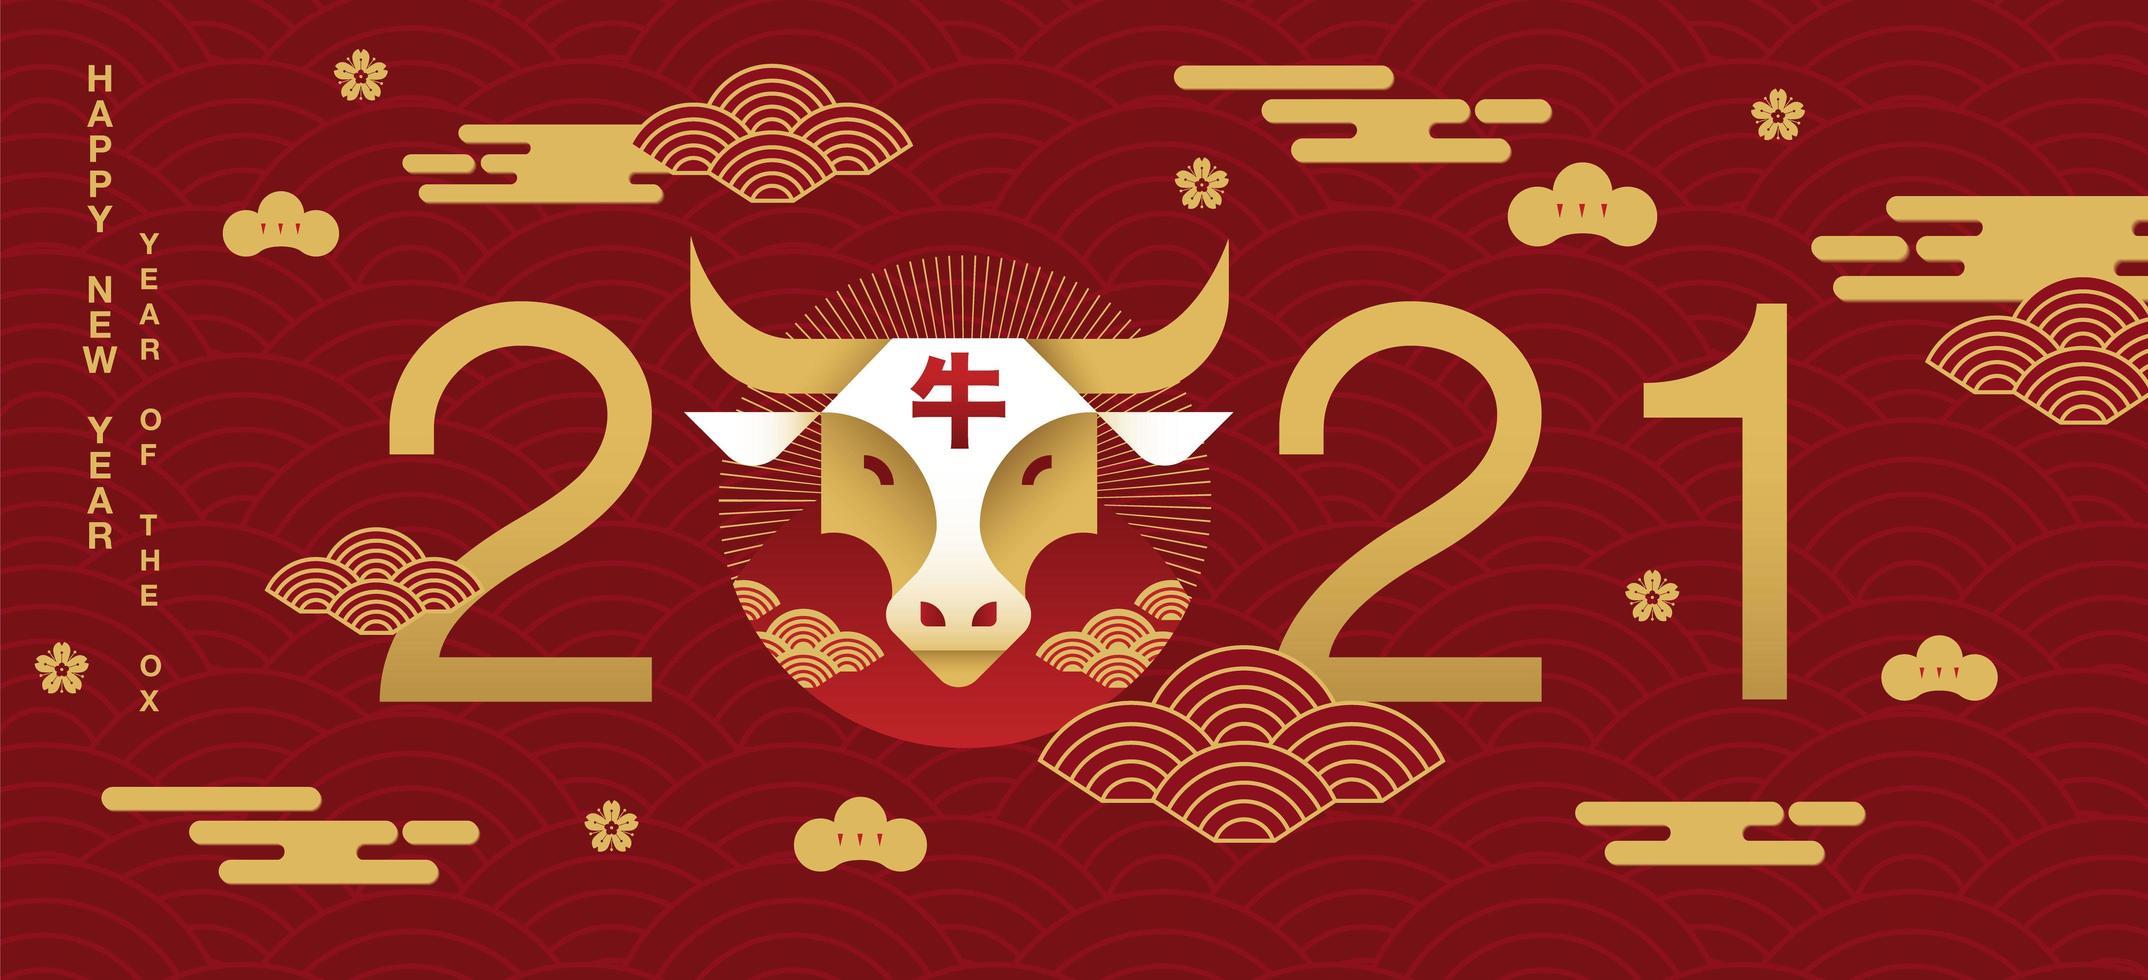 bandiera rossa e oro cinese del nuovo anno 2021 vettore